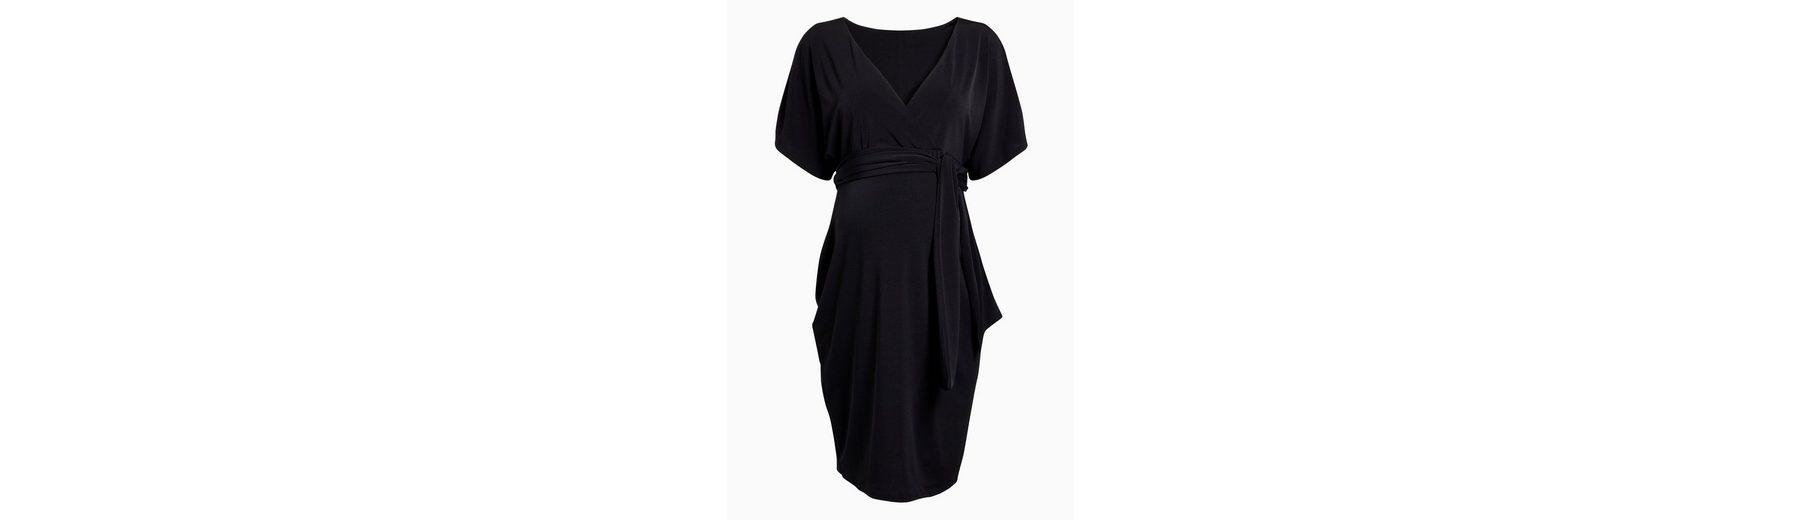 Next Kleid mit Kimonoärmeln (Umstandsmode) Aus Deutschland Freies Verschiffen Des Niedrigen Preises Webseite Günstiger Preis Günstige Manchester-Großer Verkauf Bekommt Einen Rabatt Zu Kaufen Verkauf GIvspkZQ